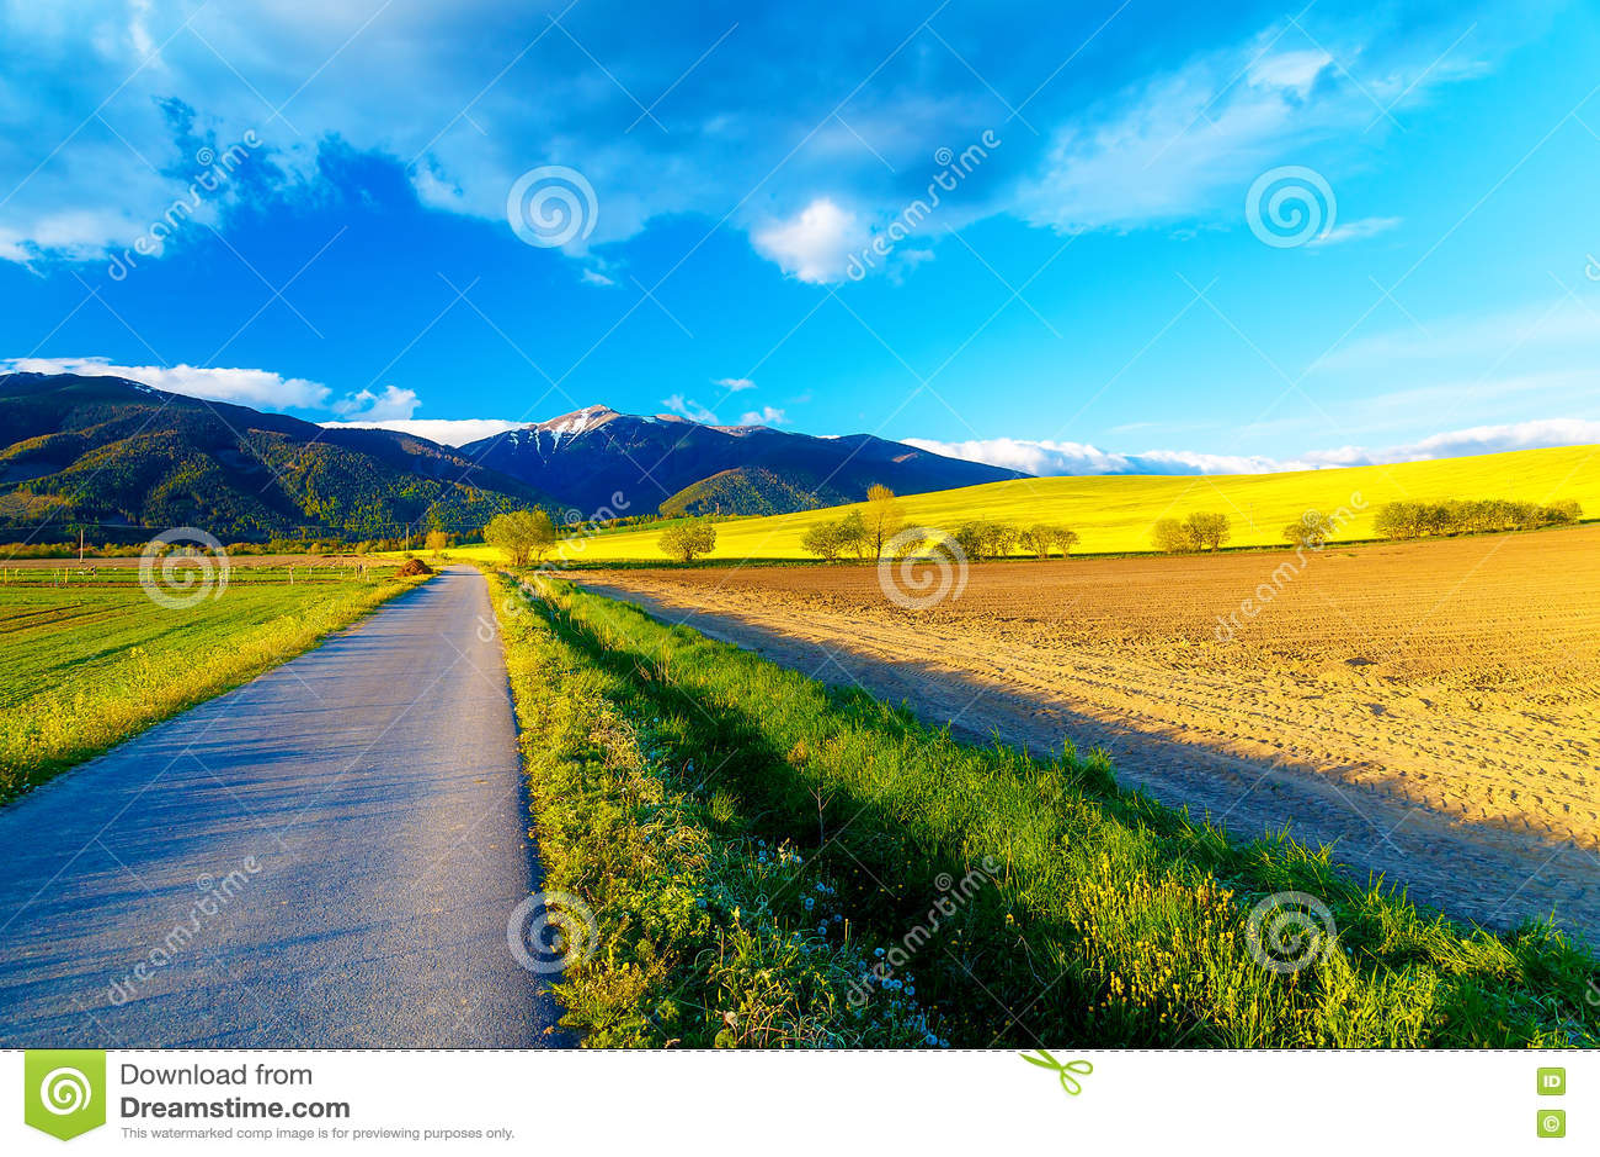 Weg in een mooi land met weiden en bloeiend gebied en sneeuwberg op achtergrond slowakije - Een hellend land ontwikkelen ...